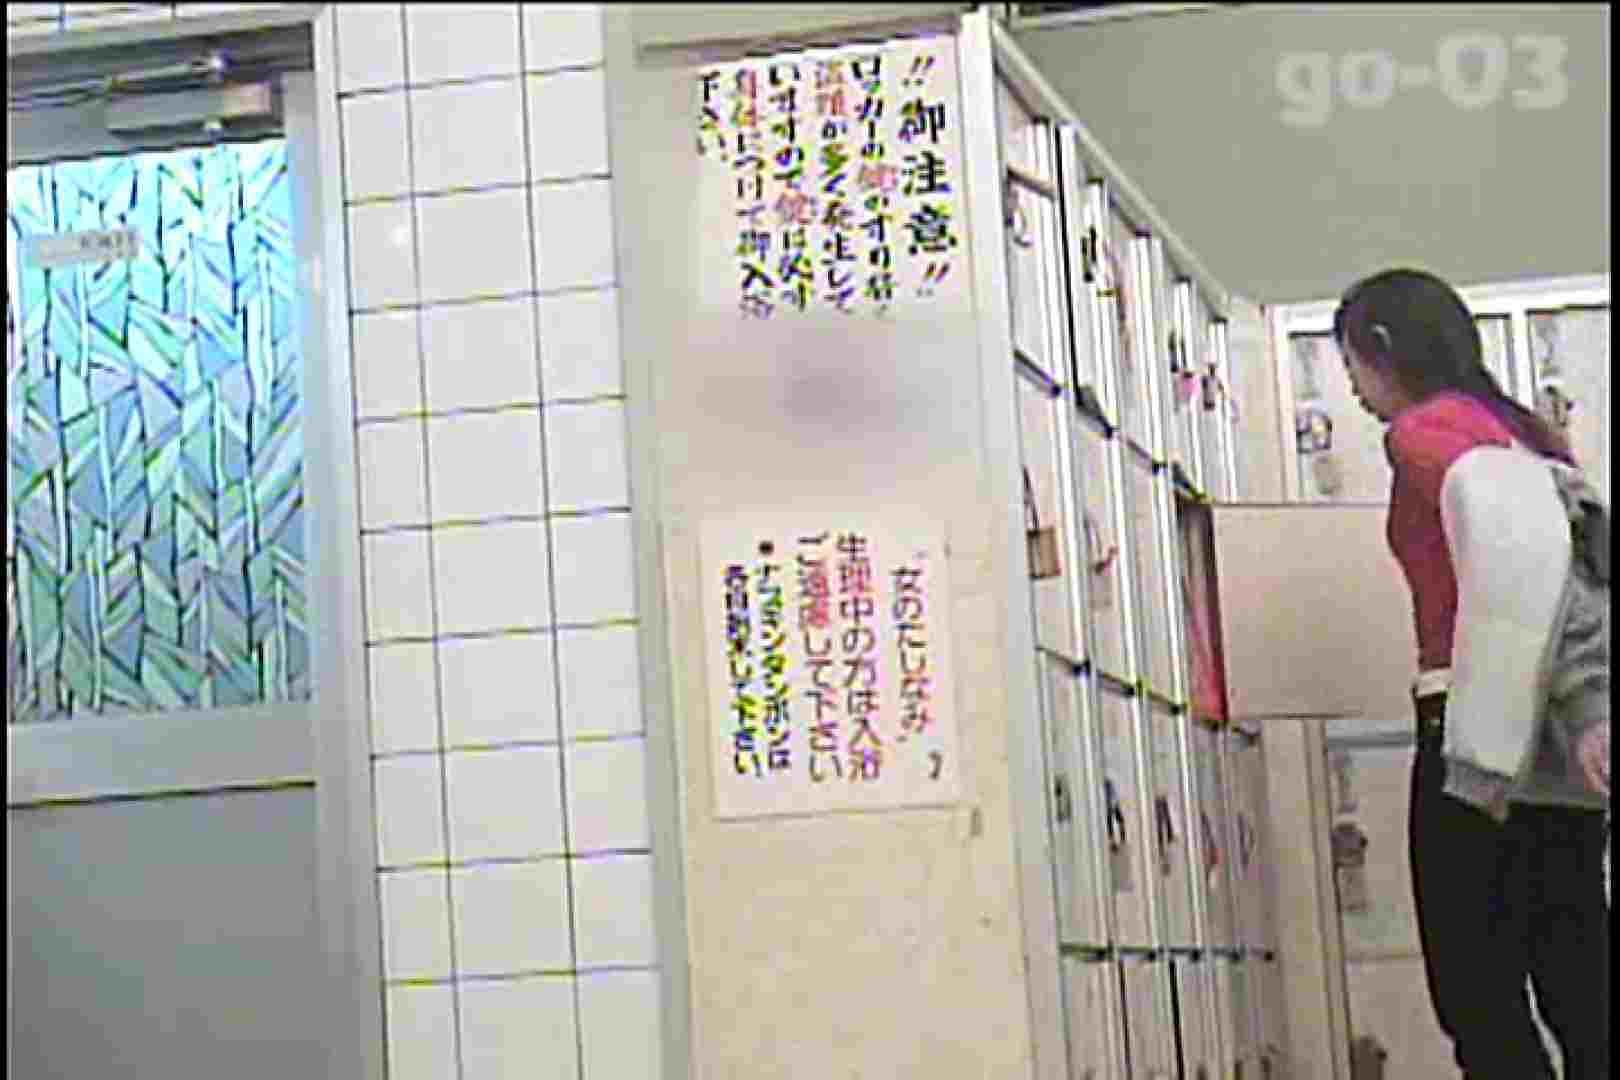 電波カメラ設置浴場からの防HAN映像 Vol.03 高評価  92PIX 40